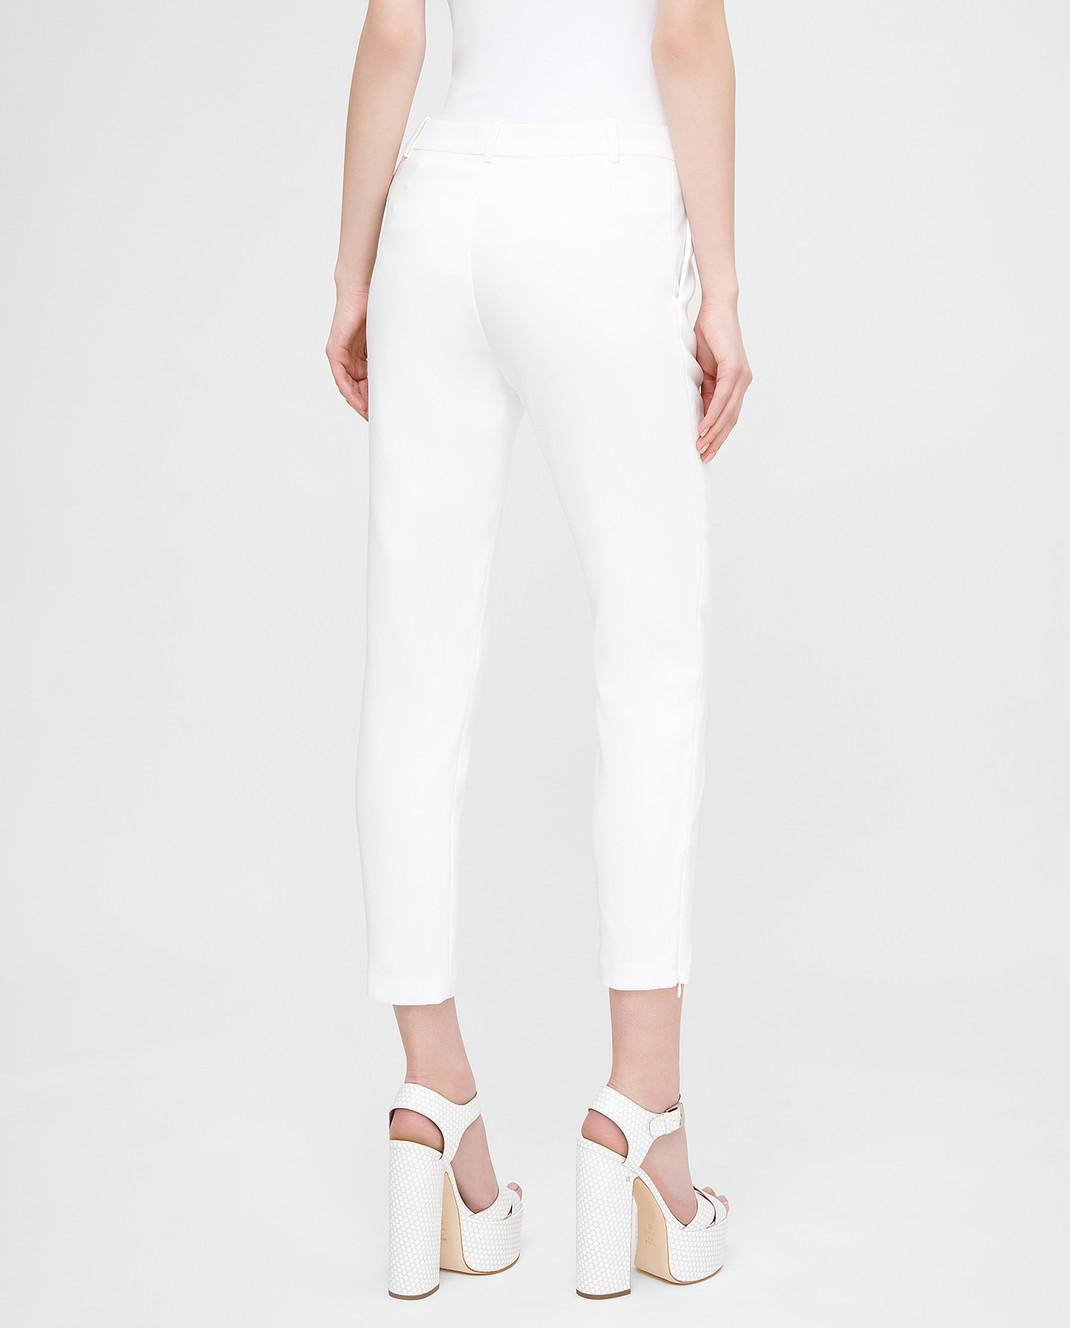 Altuzarra Белые брюки 119610089 изображение 4